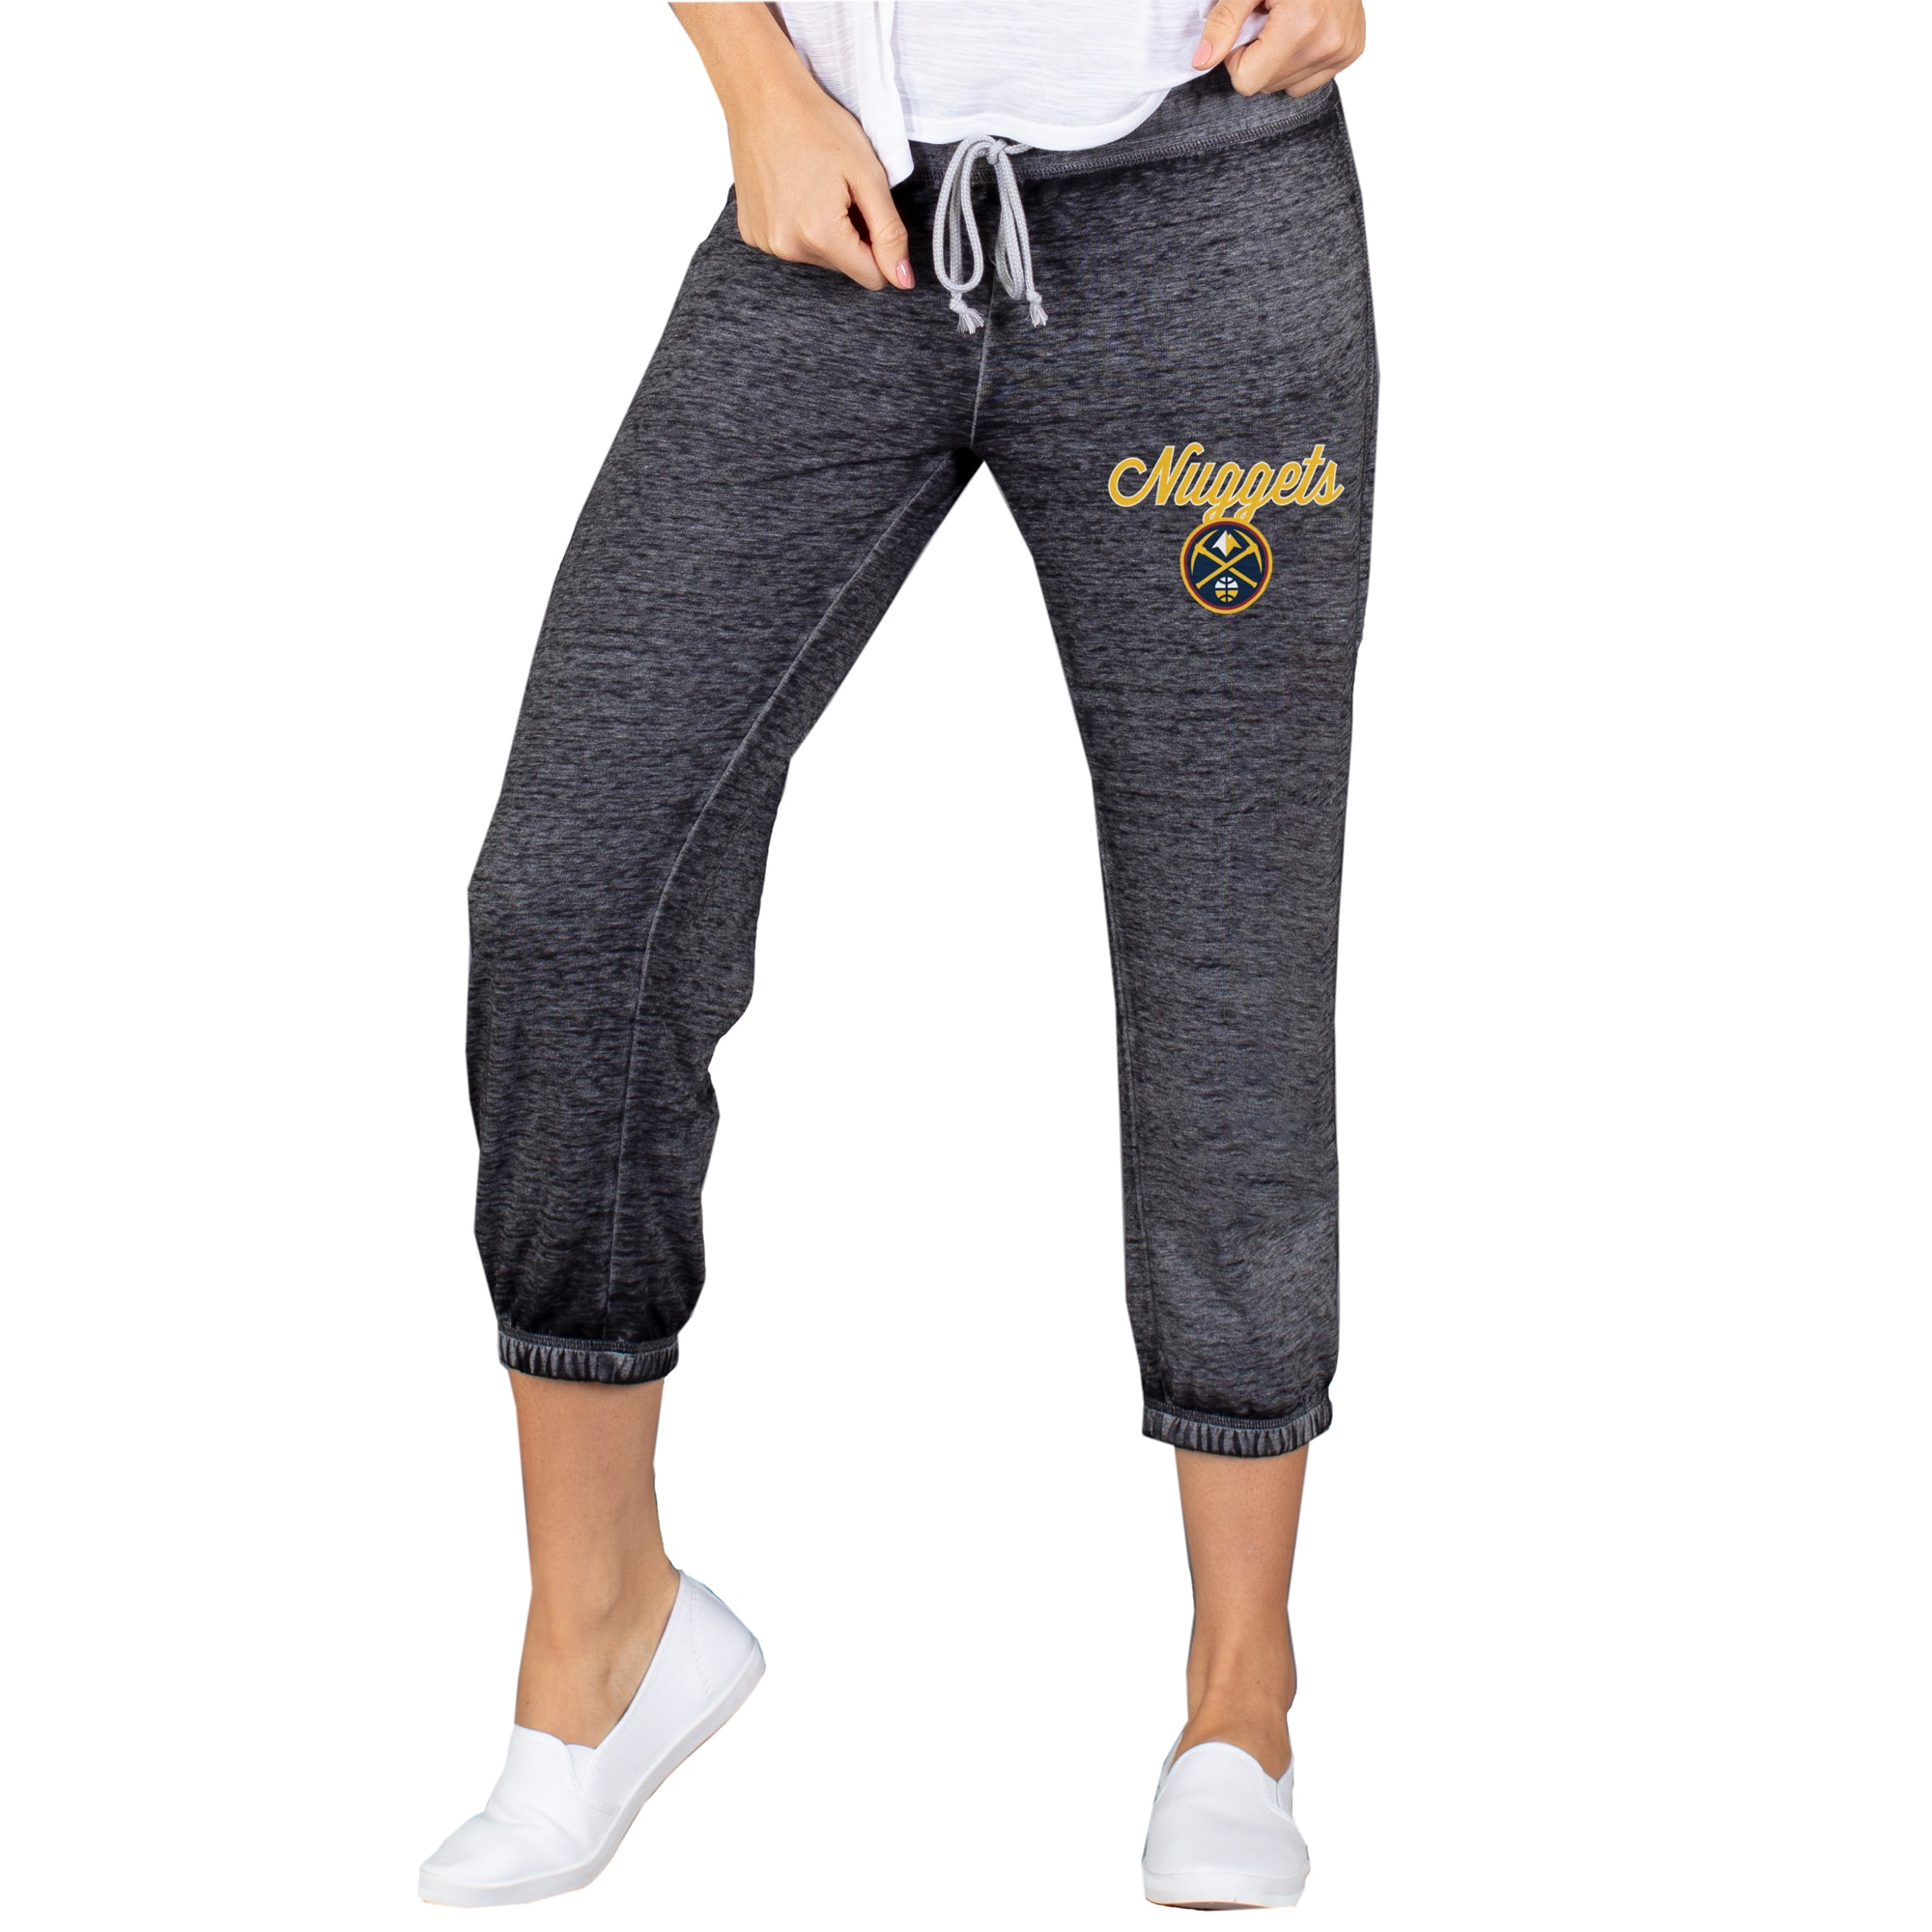 Denver Nuggets Concepts Sport Women's Capri Knit Lounge Pants - Charcoal